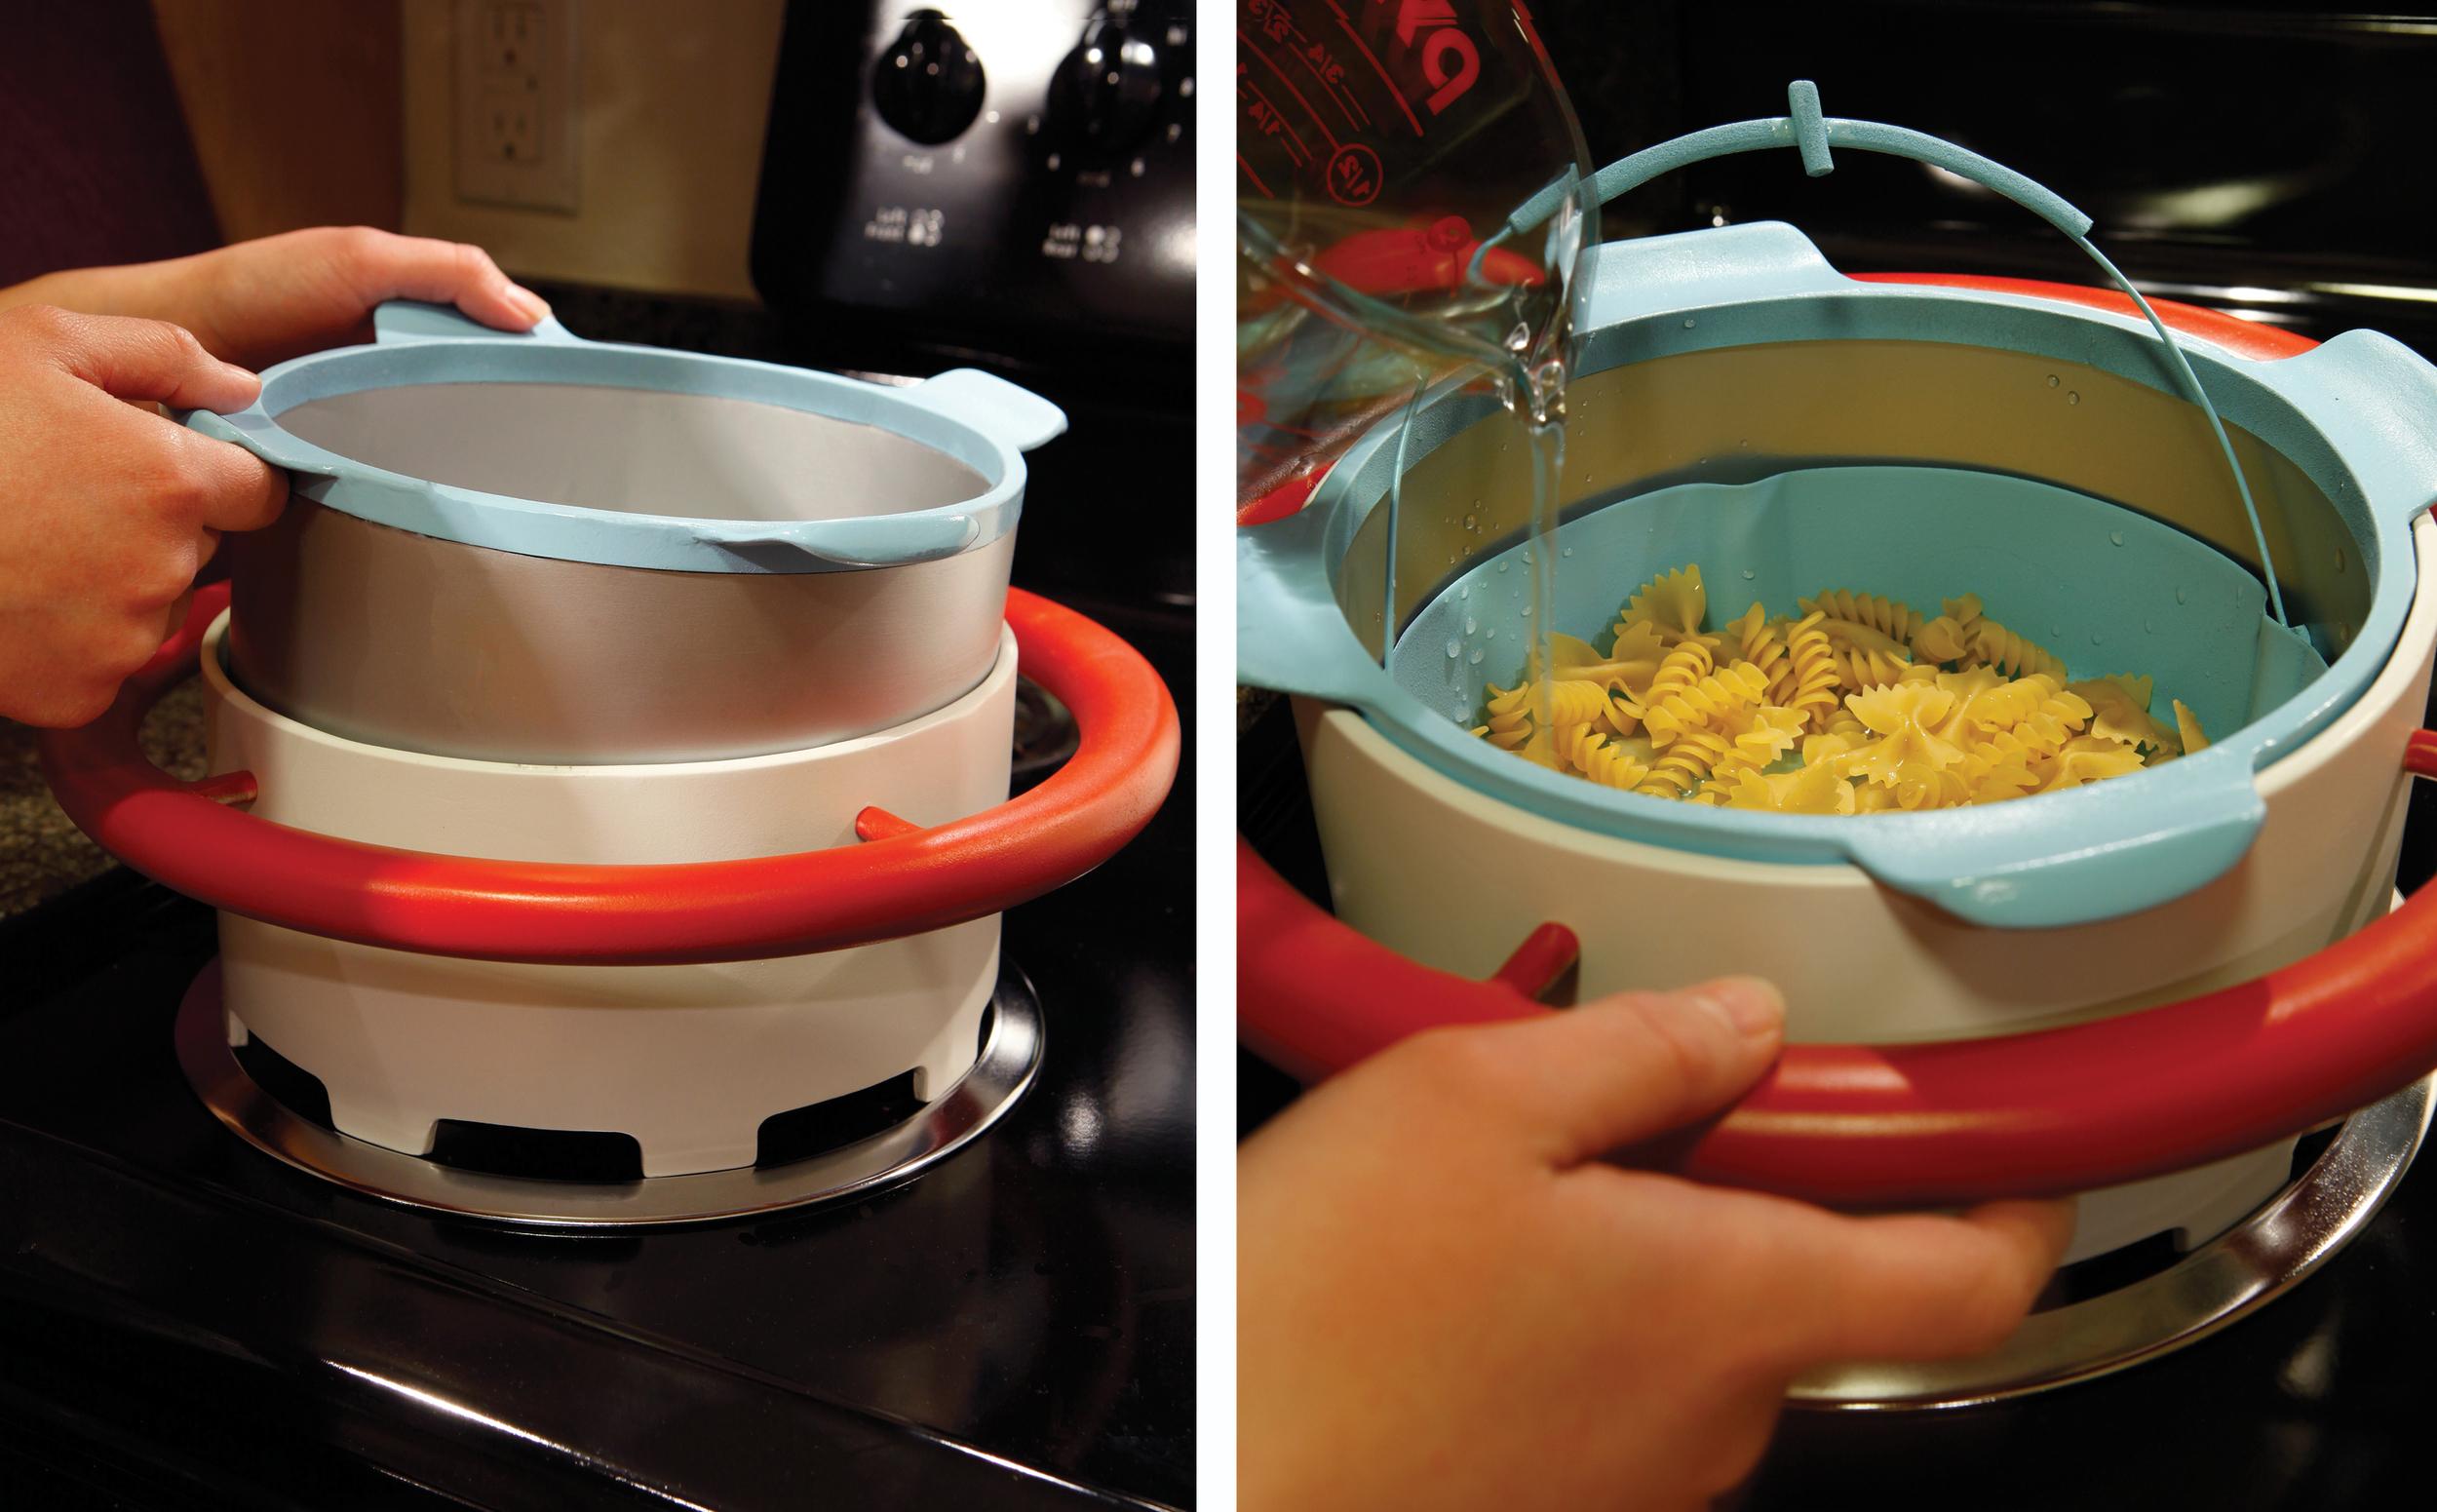 Safe_Cooking15.jpg